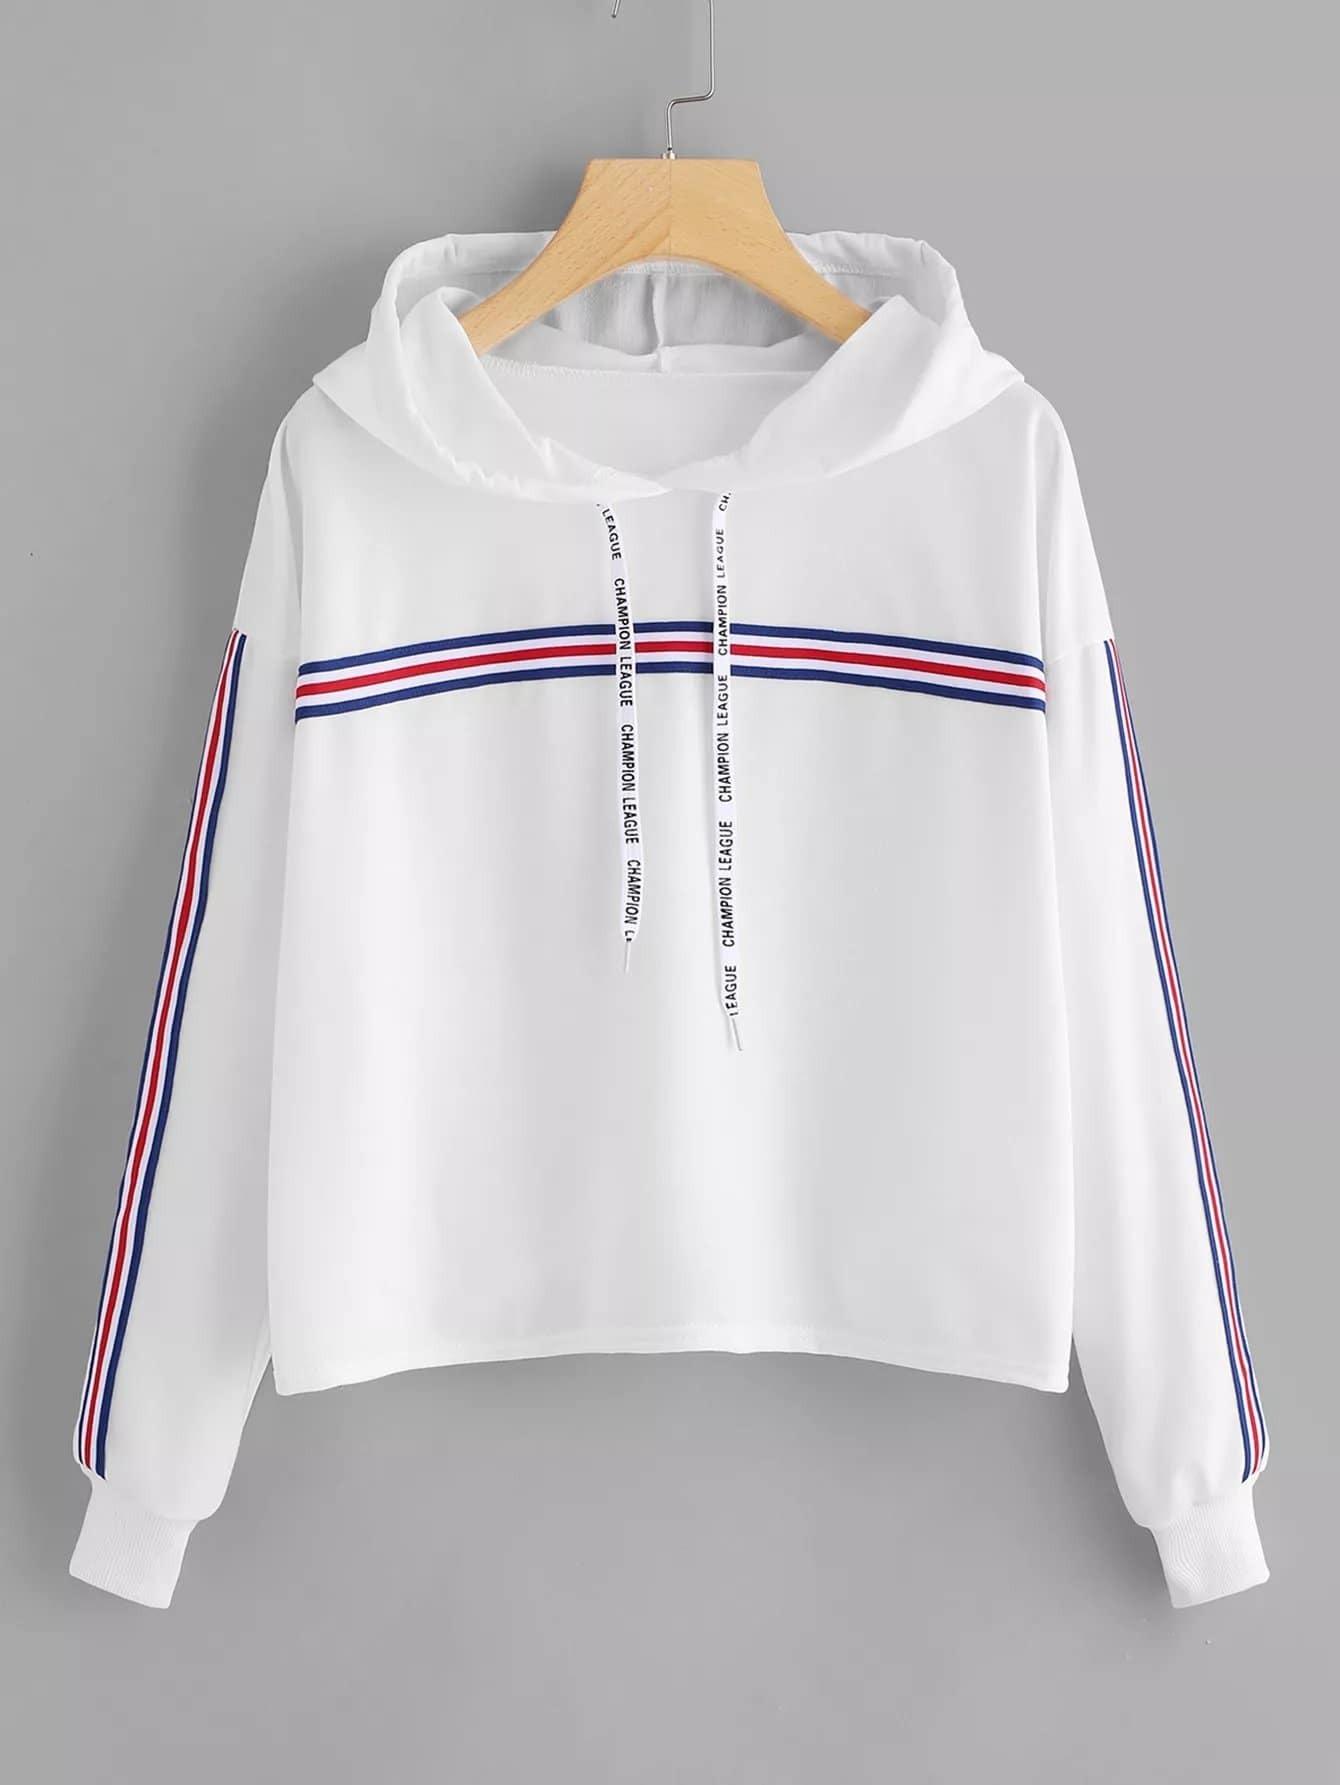 Купить Большая спортивная футболка с капюшоном и с полосатыми лентами по обе стороны, null, SheIn